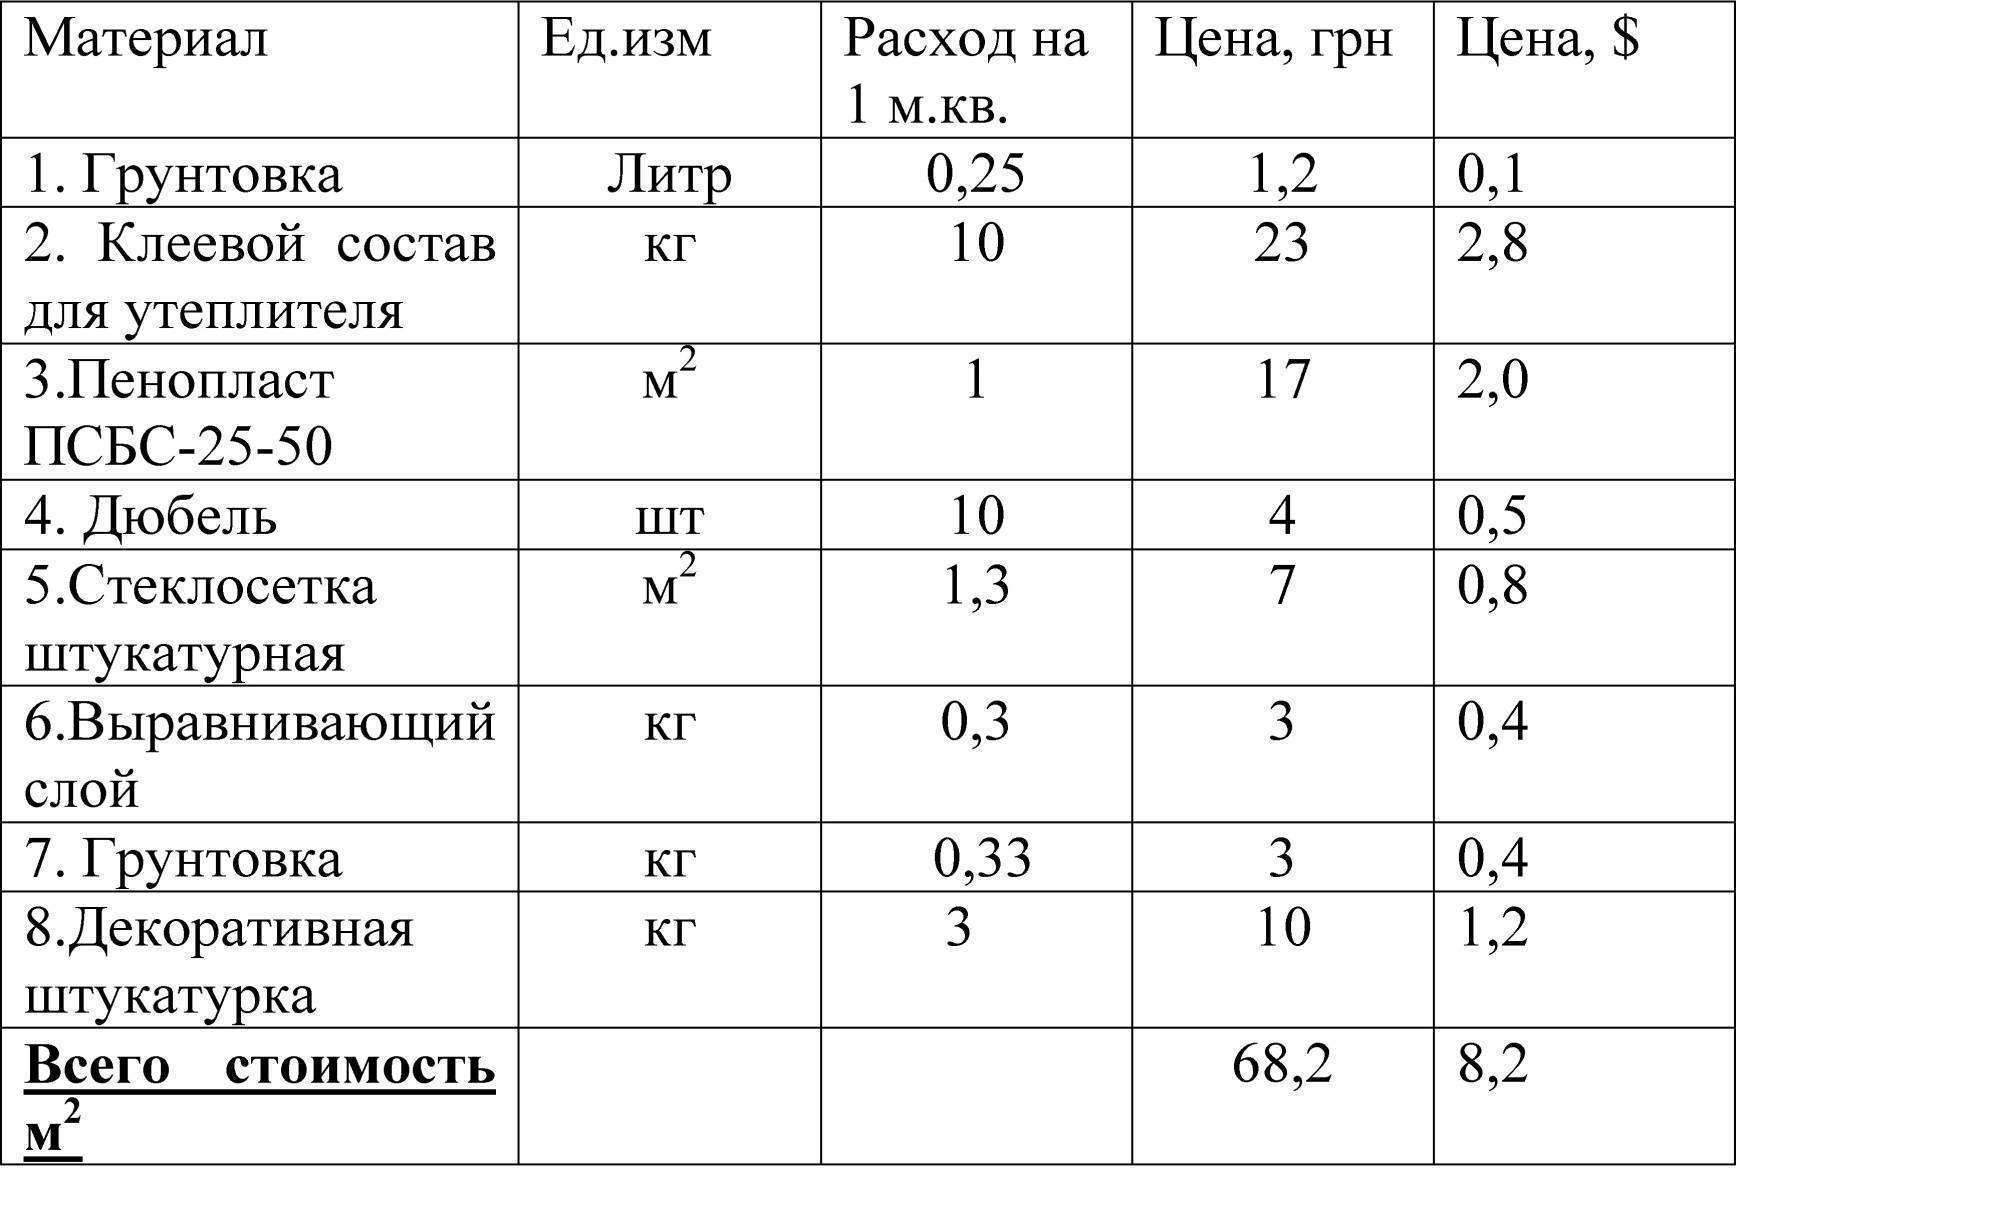 Расход штукатурки на 1м2: гипсовой, цементной и других, как сделать расчет с помощью калькулятора